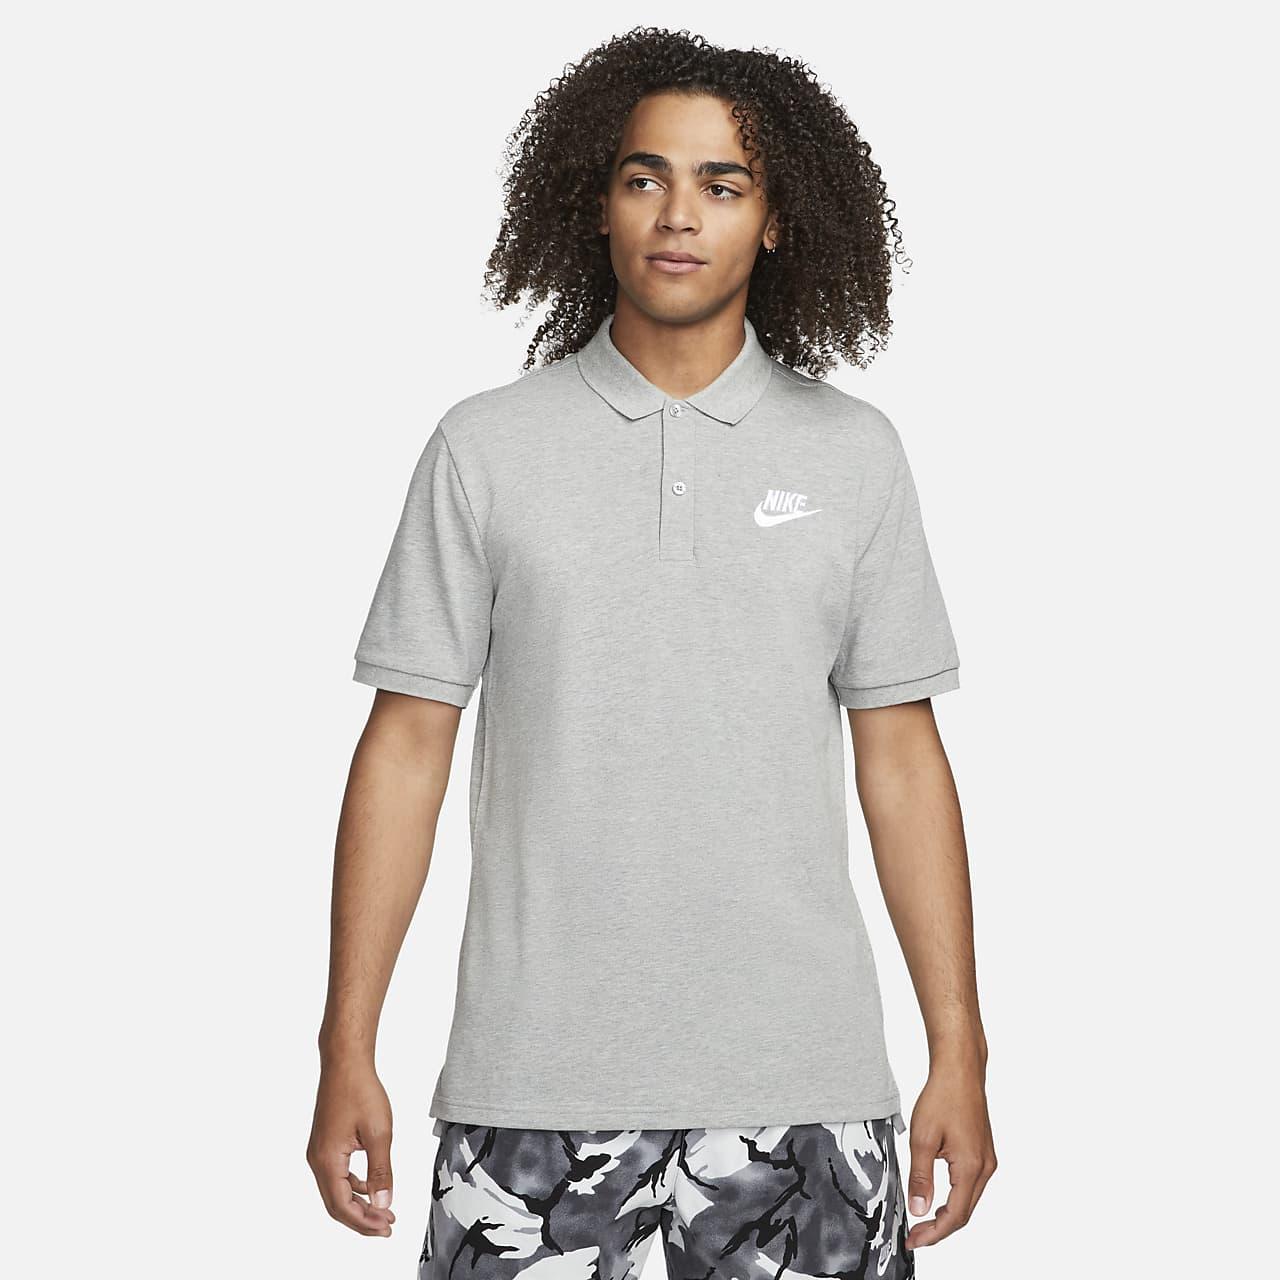 Nike Sportswear Herren-Polo